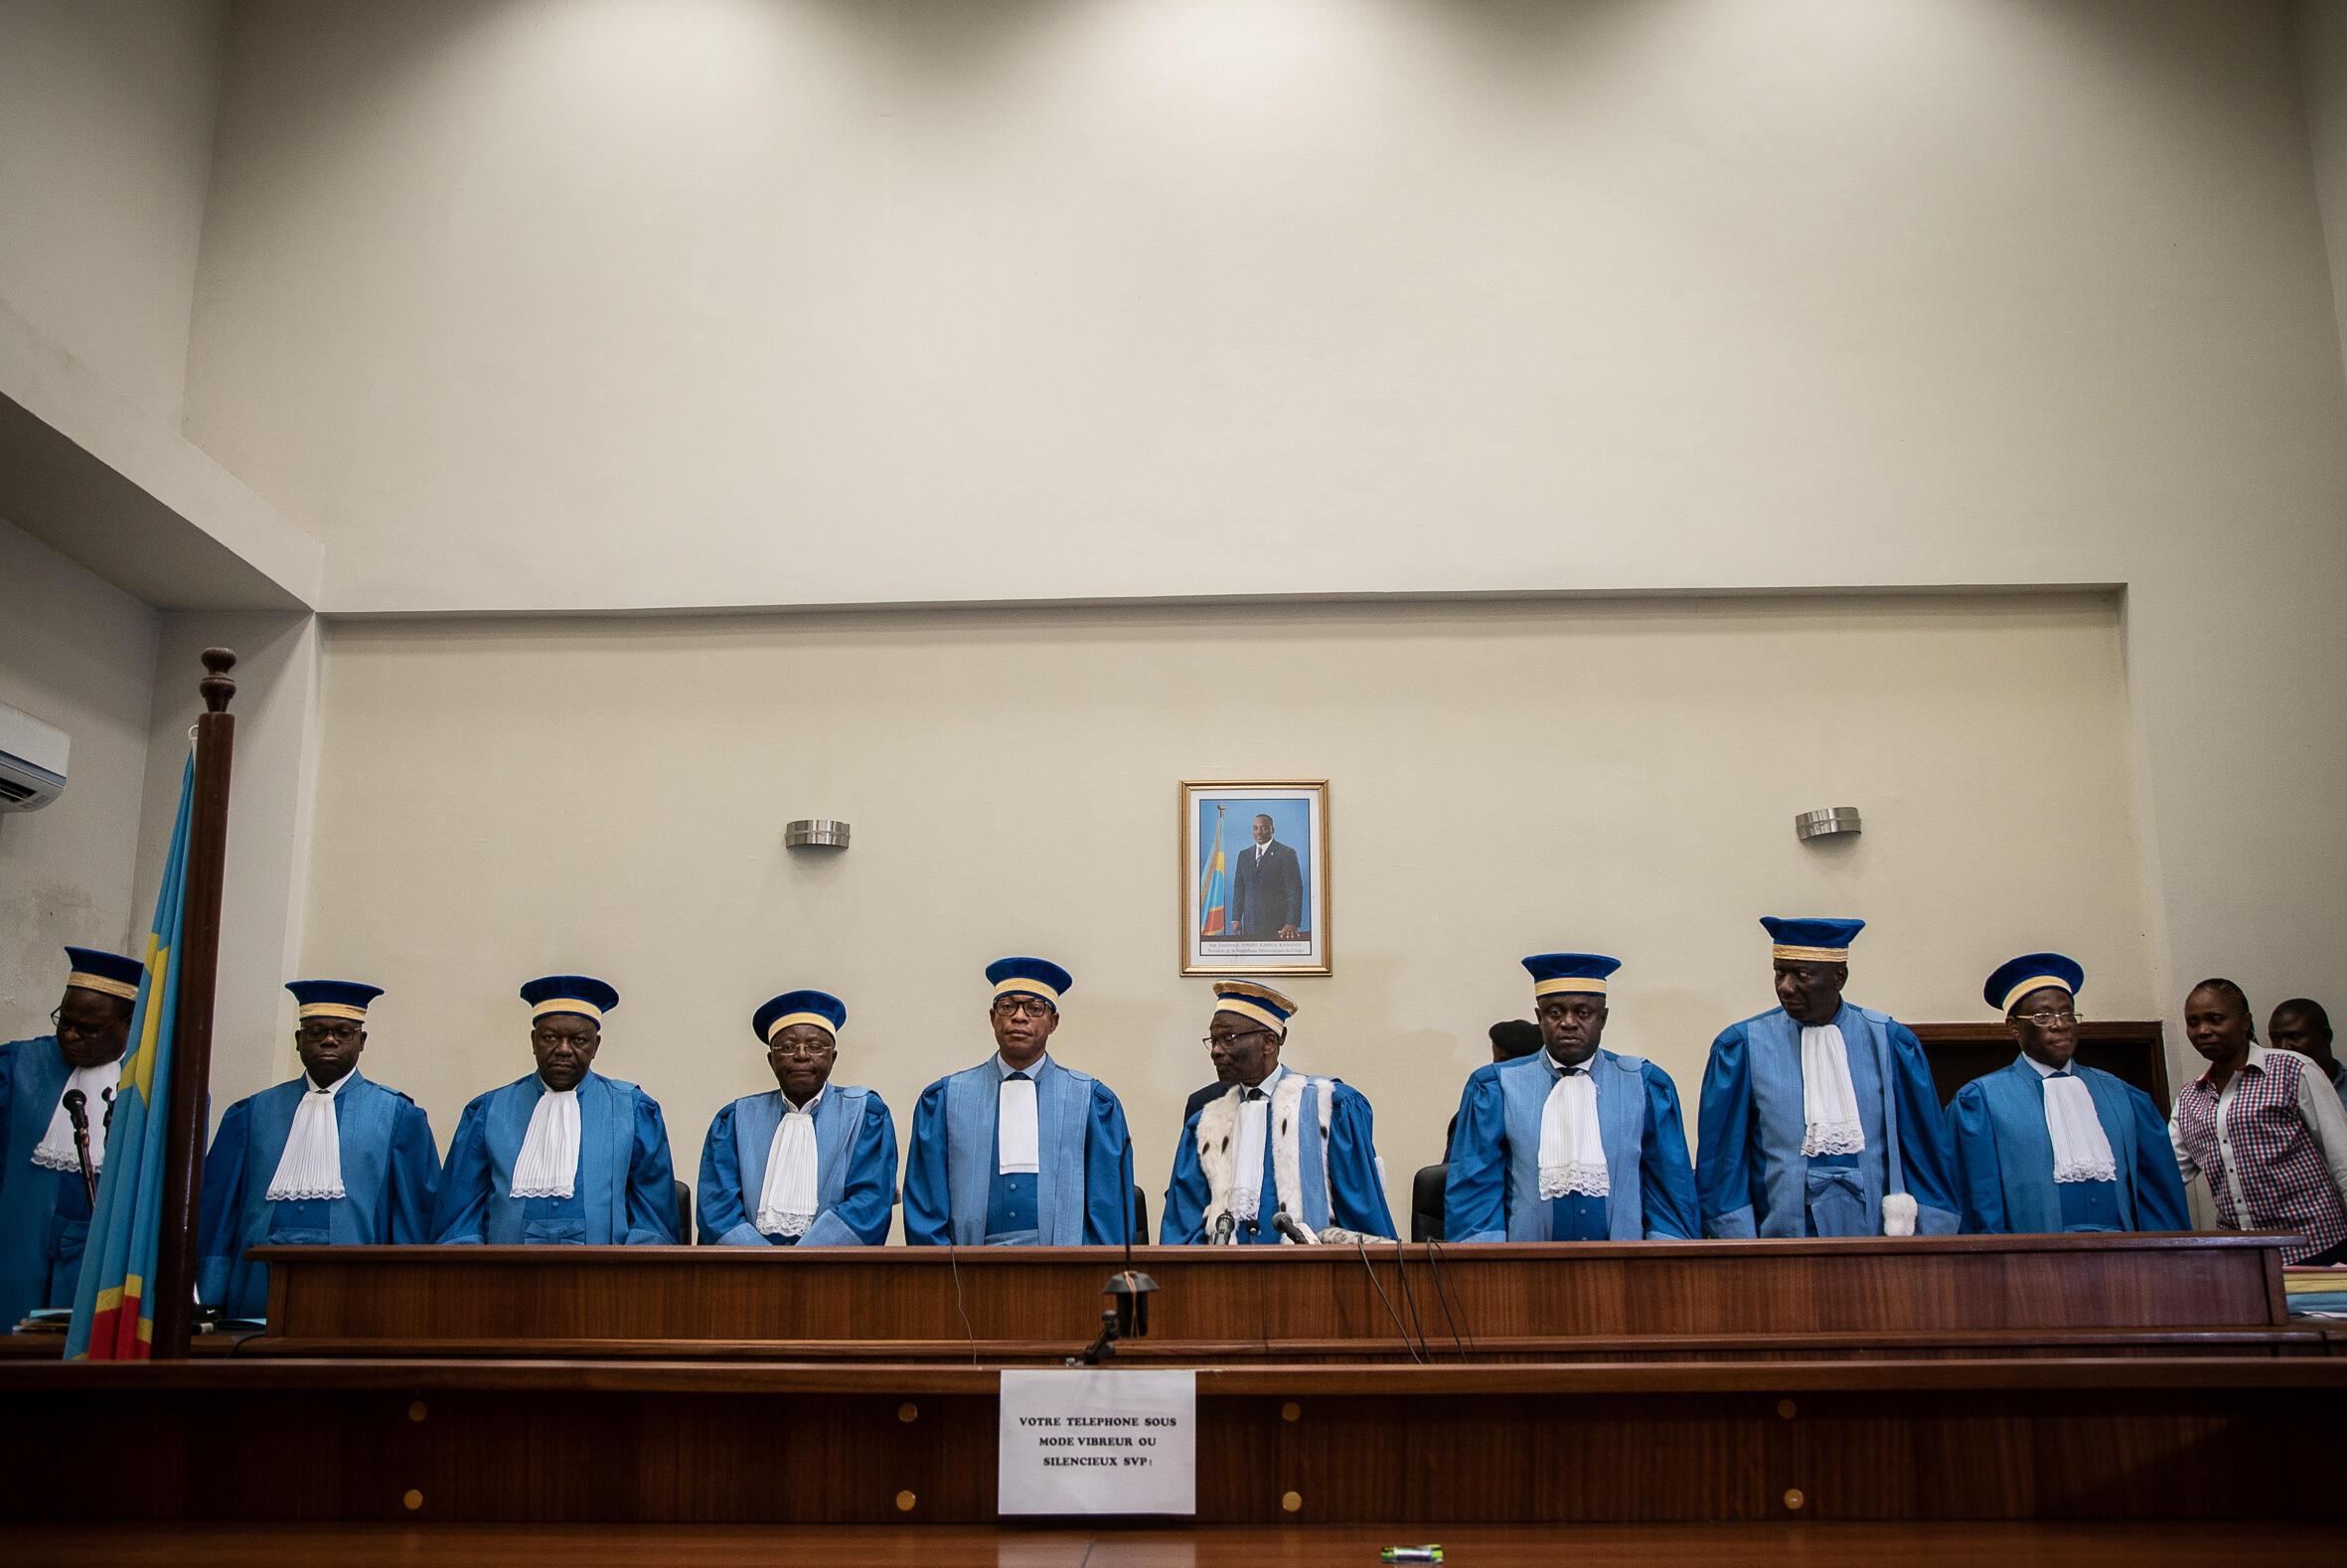 Majaji wa Mahakama ya Katiba ya DRC, Januari 2019.